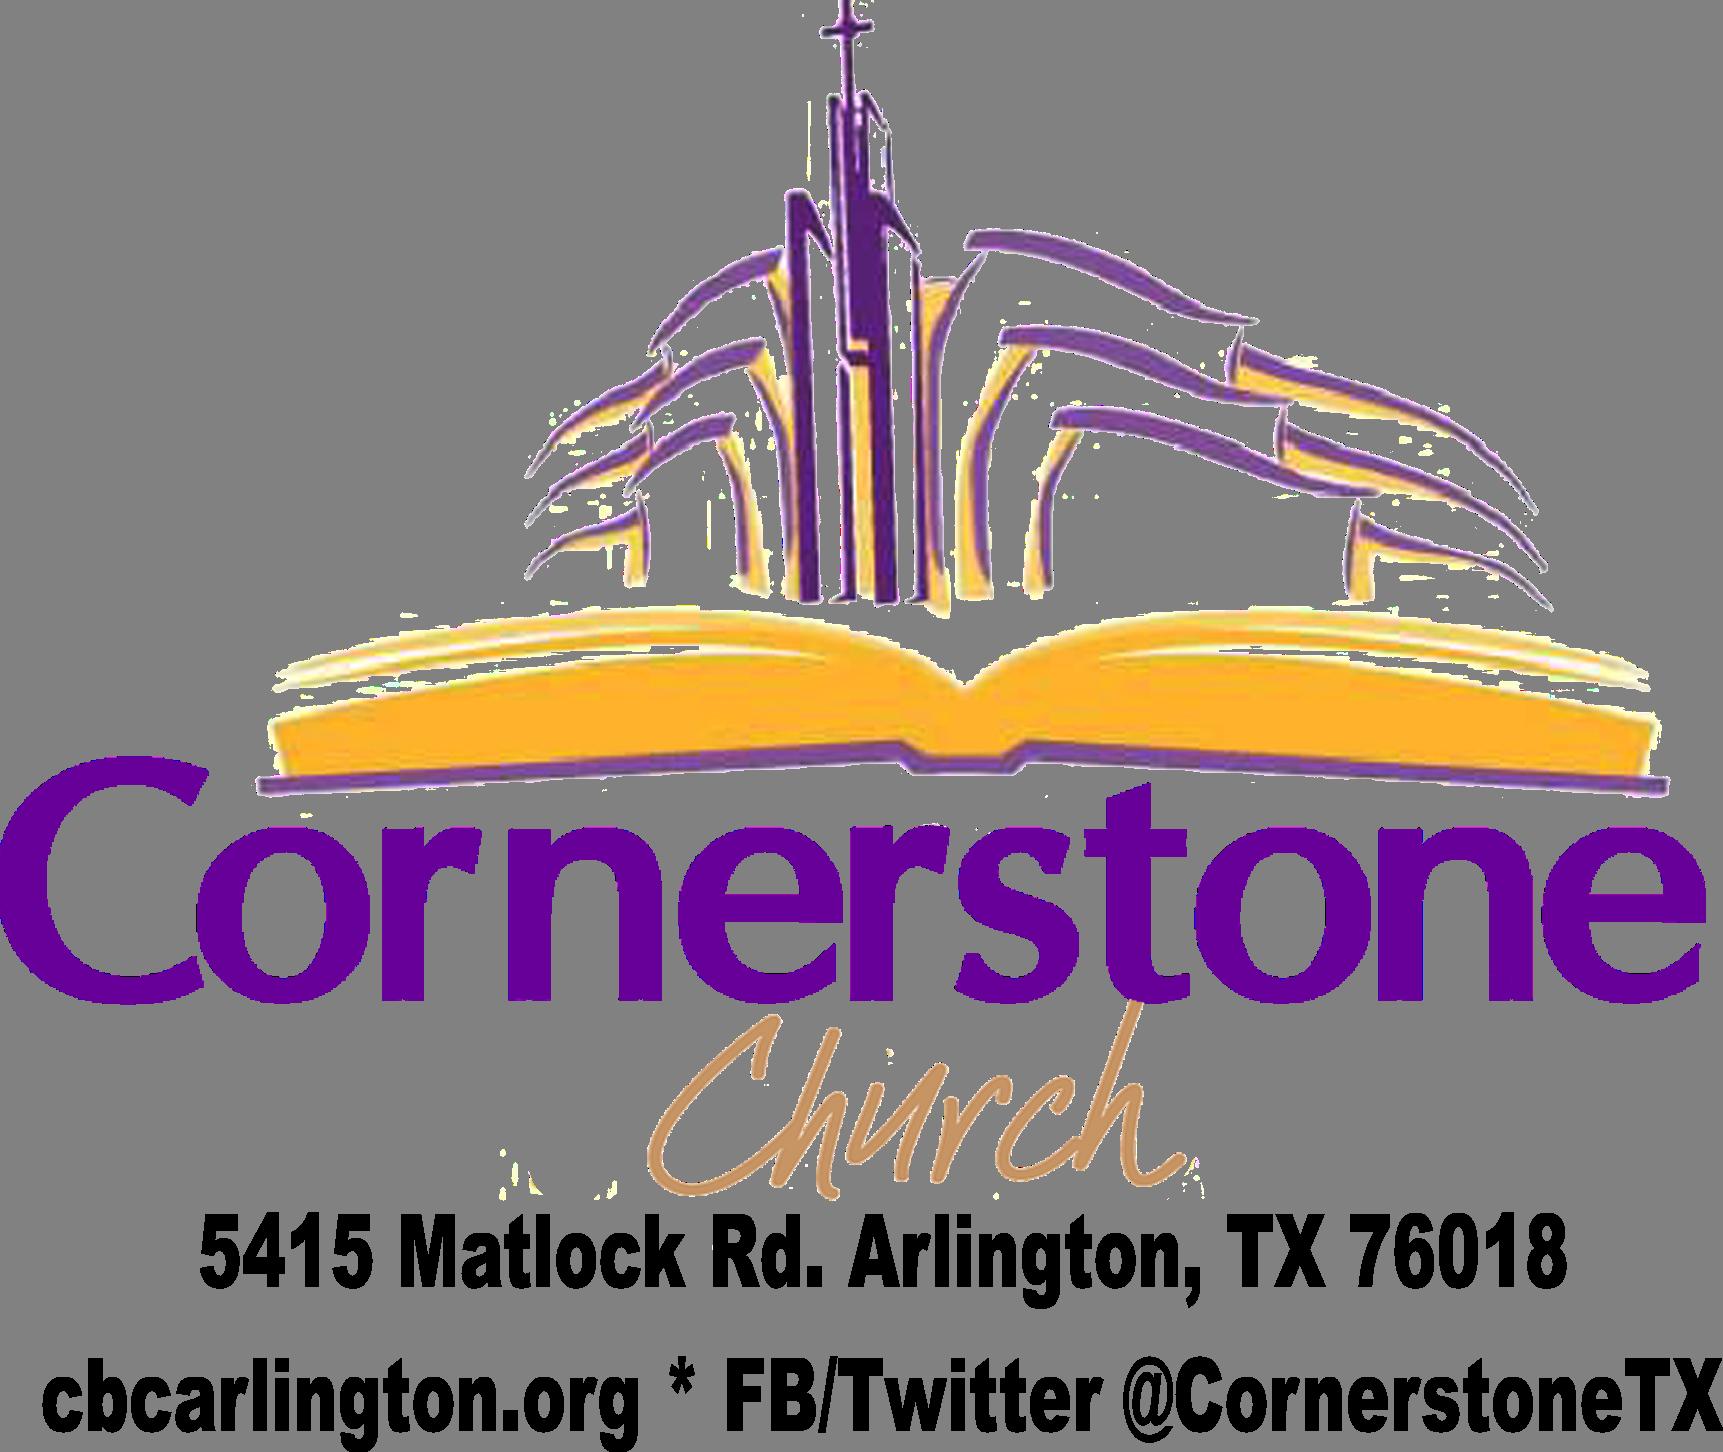 2nd Annual Cornerstone Golf Classic logo